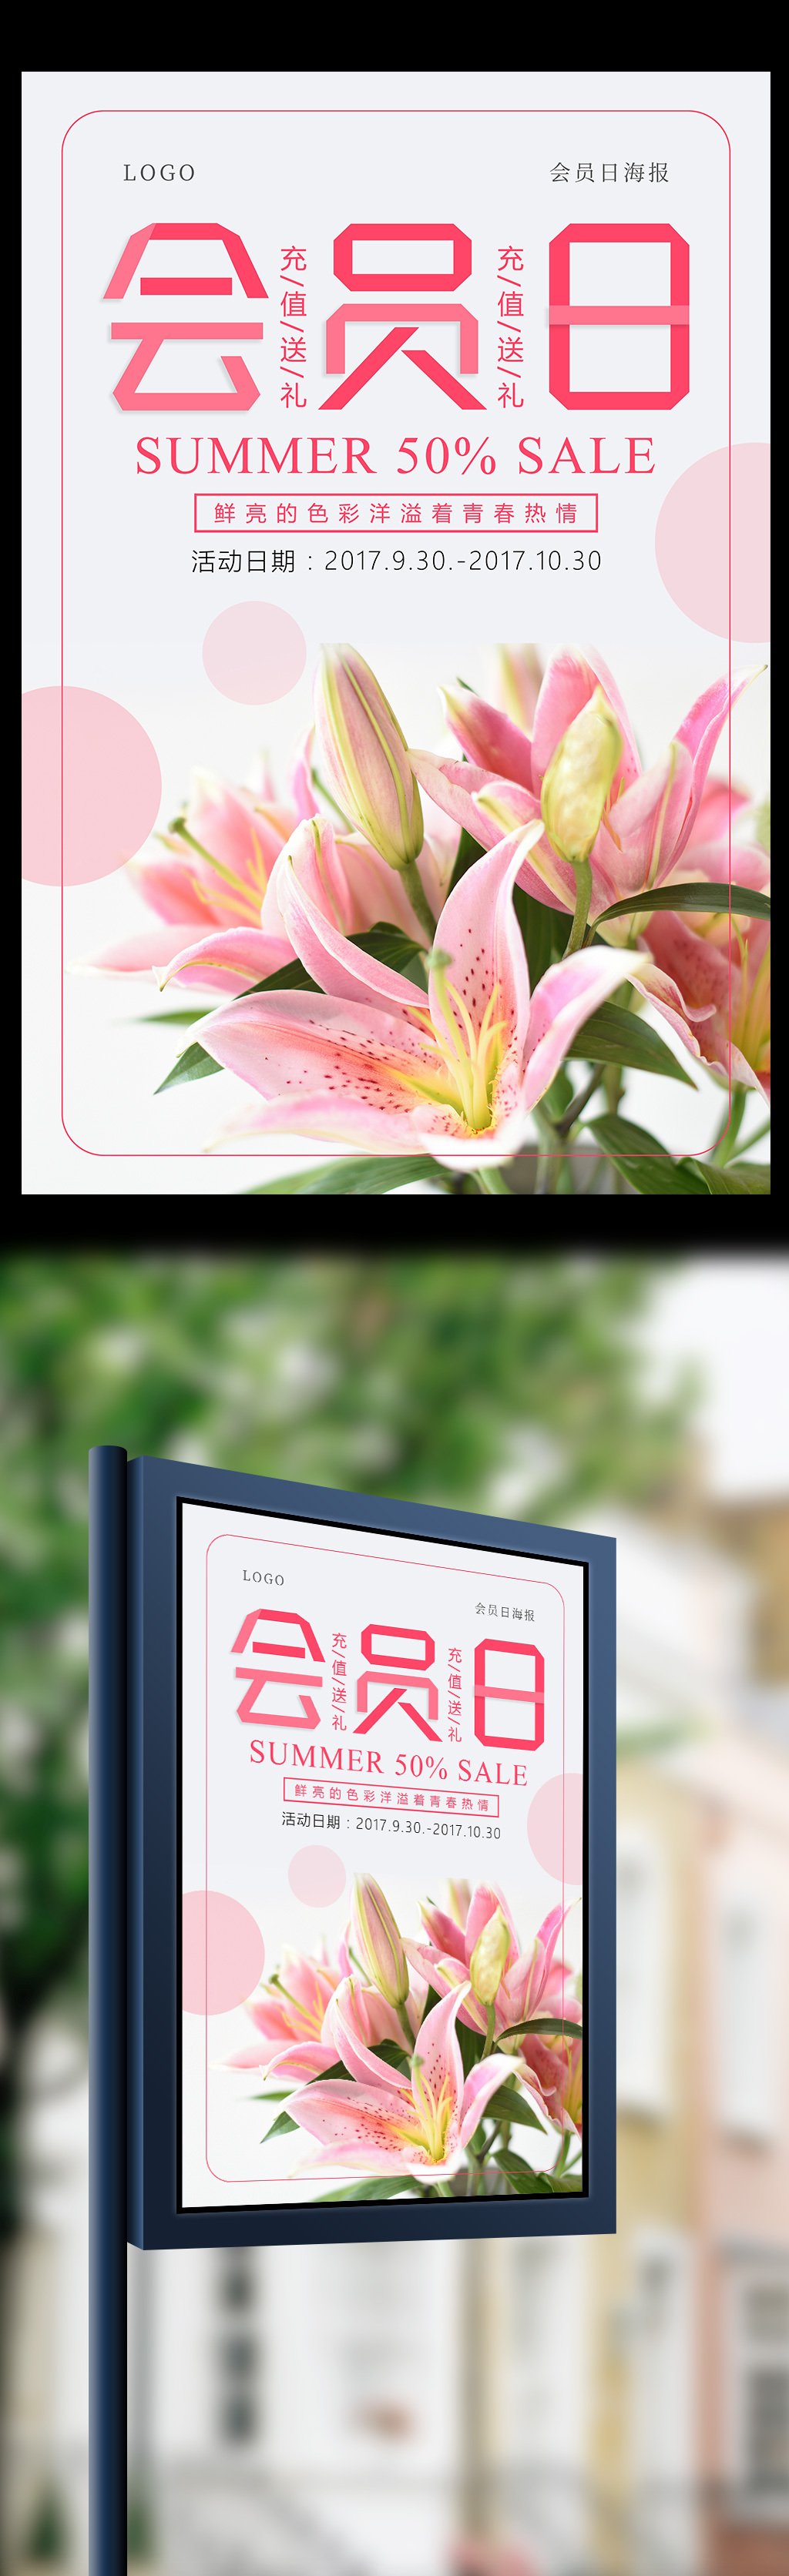 平面|广告设计 海报设计 pop海报 > 会员日充值送礼促销海报设计   图